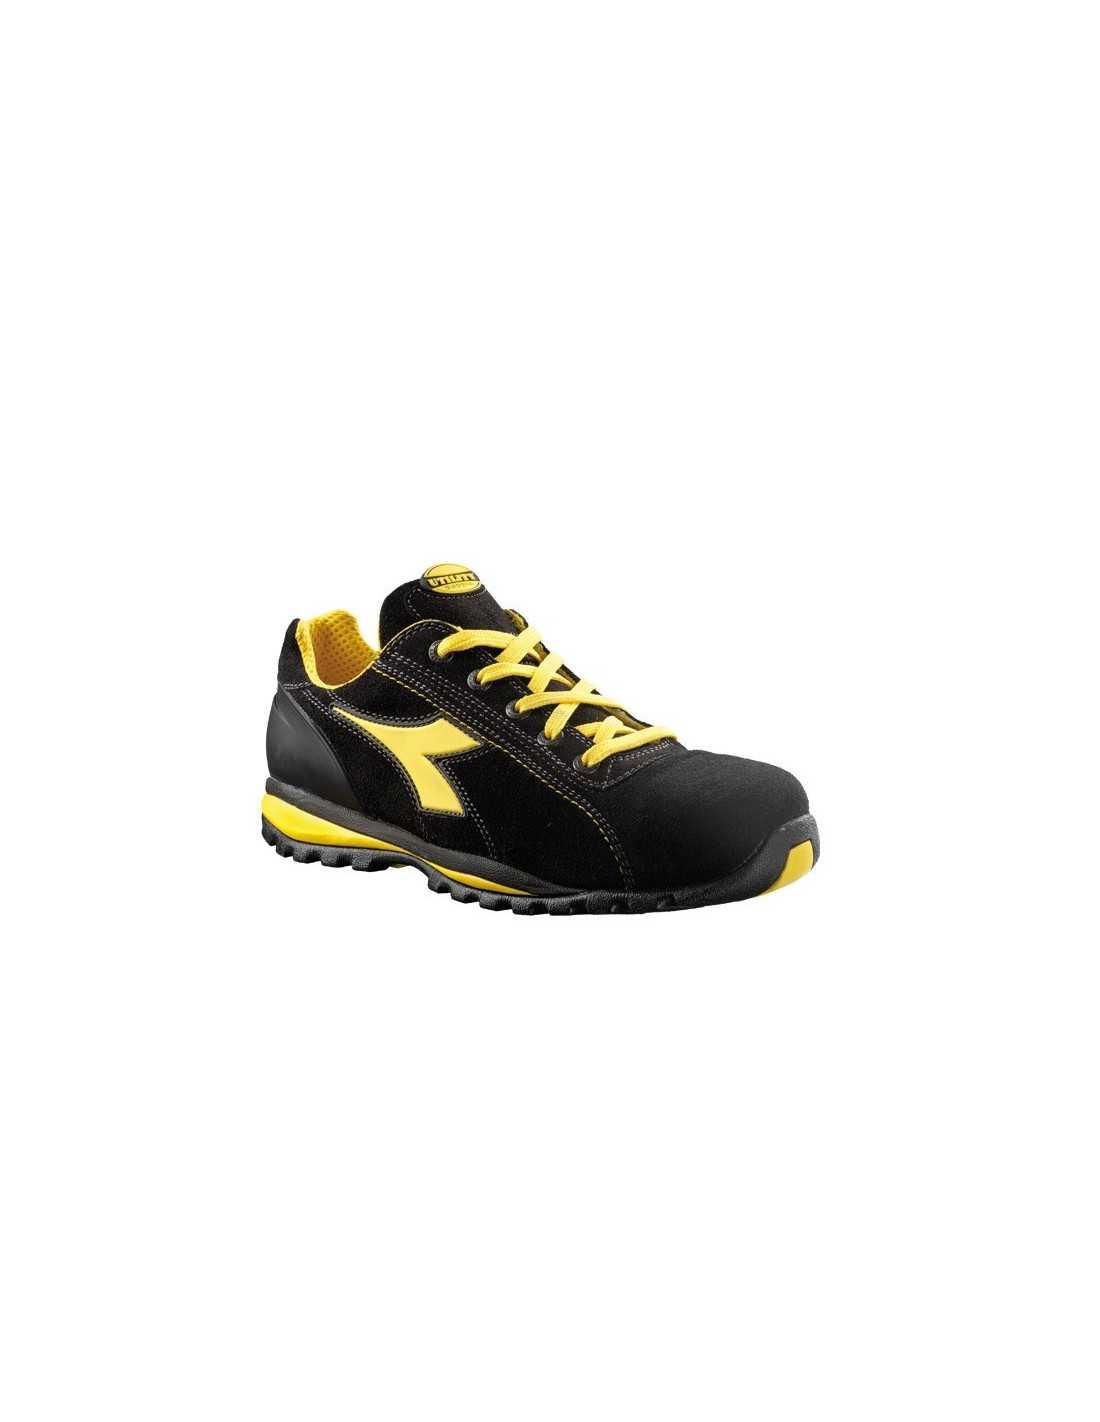 prezzo folle enorme inventario a piedi a Diadora Glove II S1p- scarpe antinfortunistiche da lavoro- Black ...